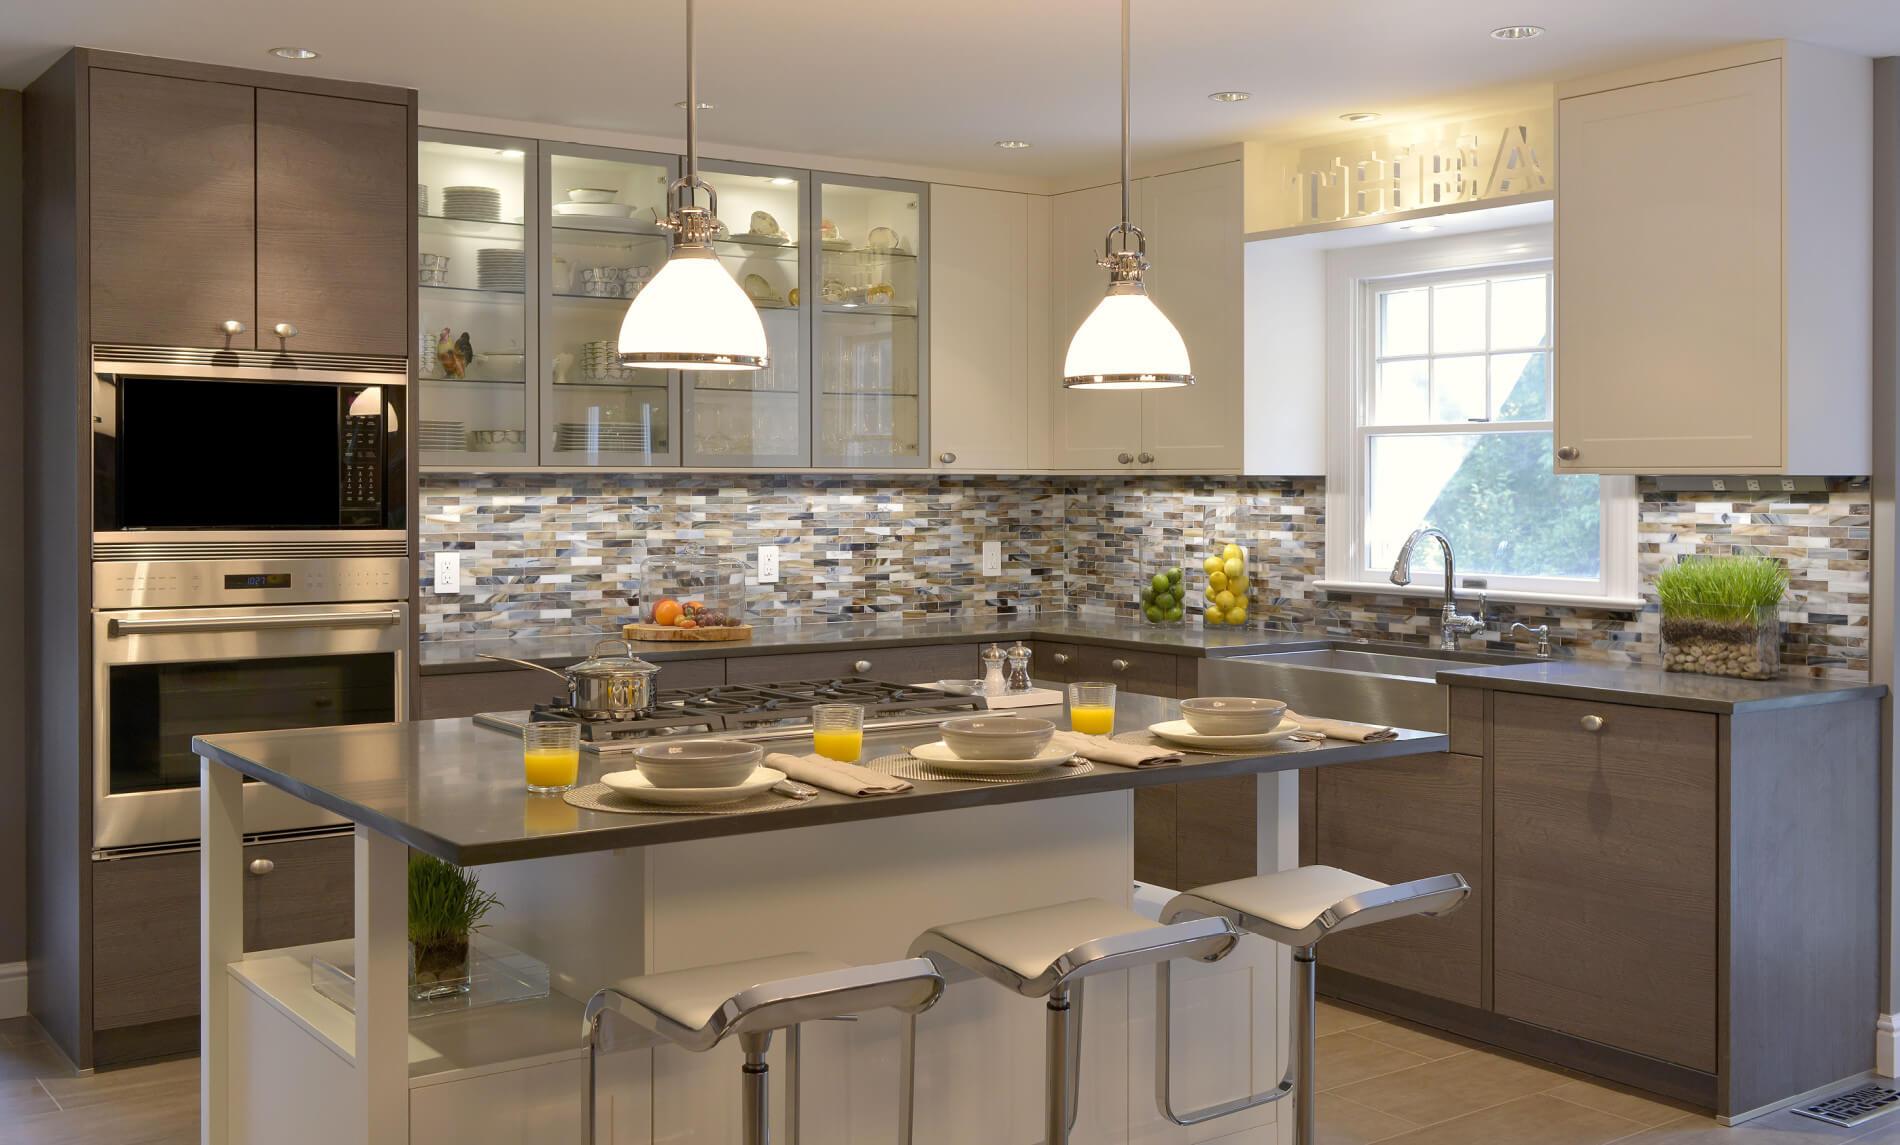 Cucina.Cucina Modern Carol Kurth Architecture Interiorscarol Kurth